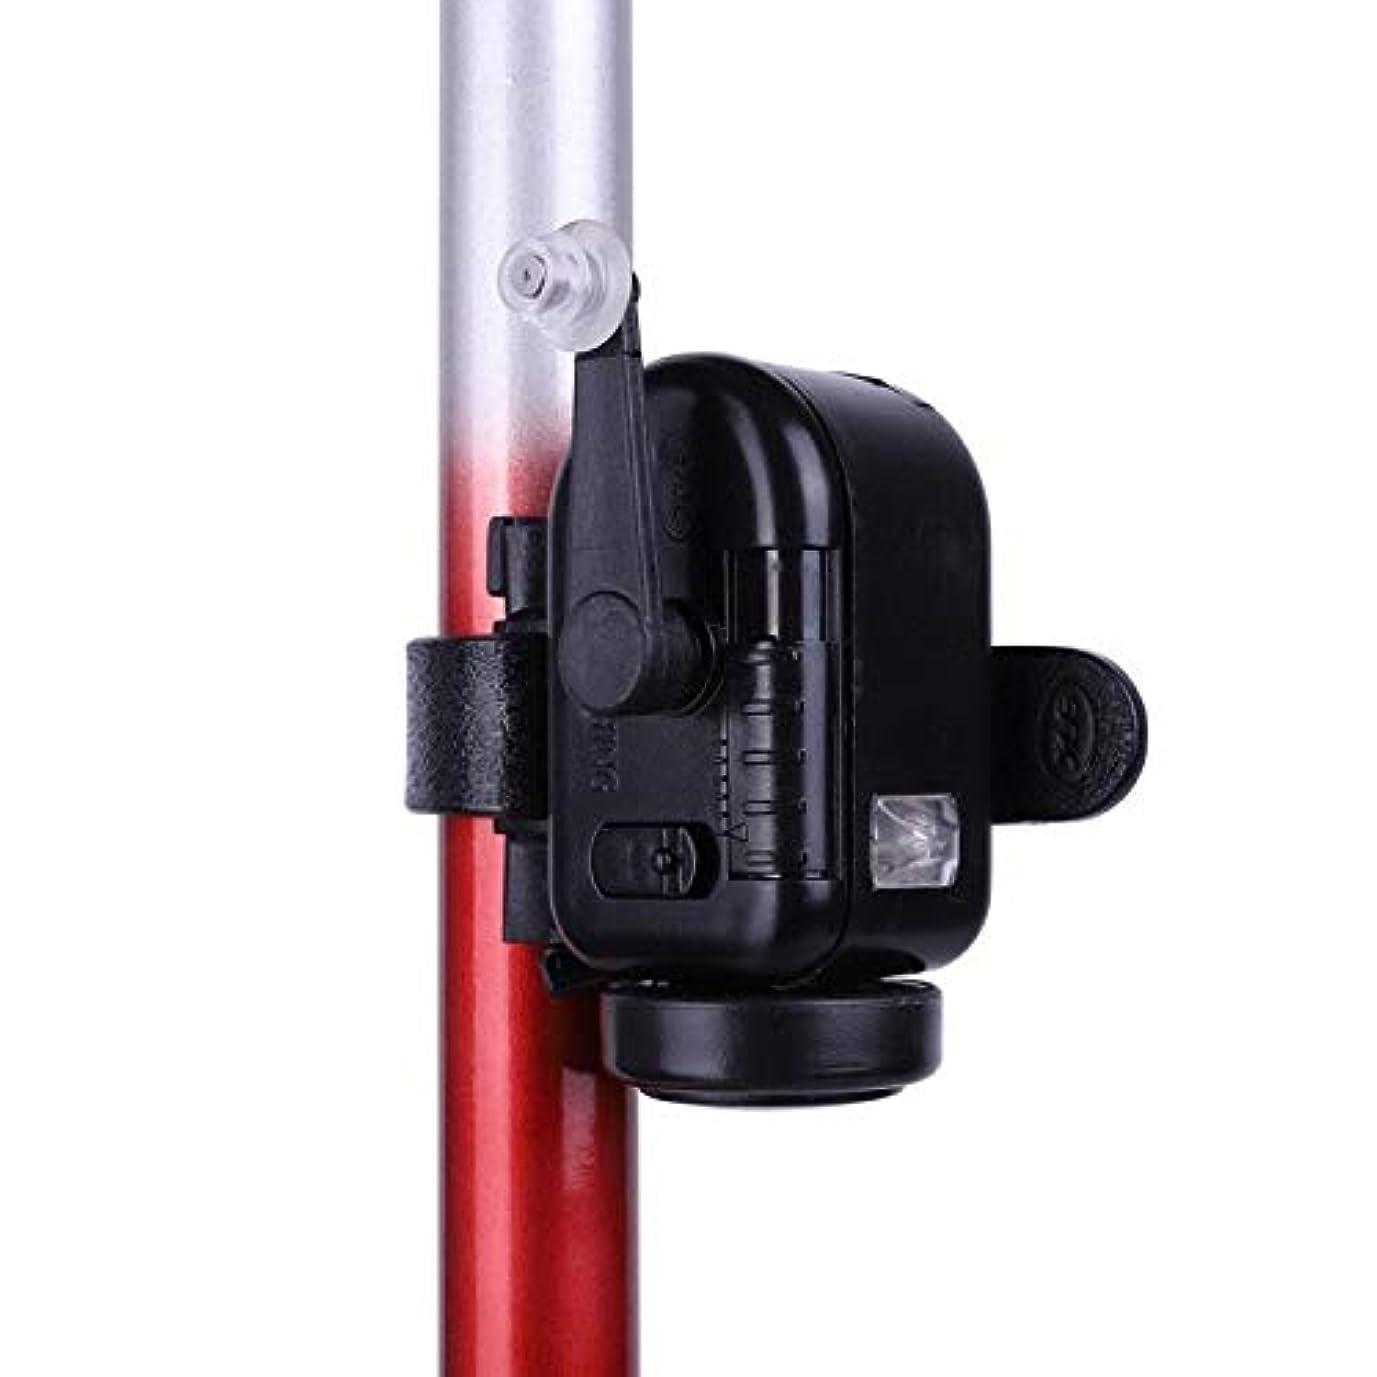 性格性的最高ABSブラック高感度フィッシュバイトアラーム調整可能容量釣り竿信号機器餌リマインダー魚検出器 f5e9f5h3j9